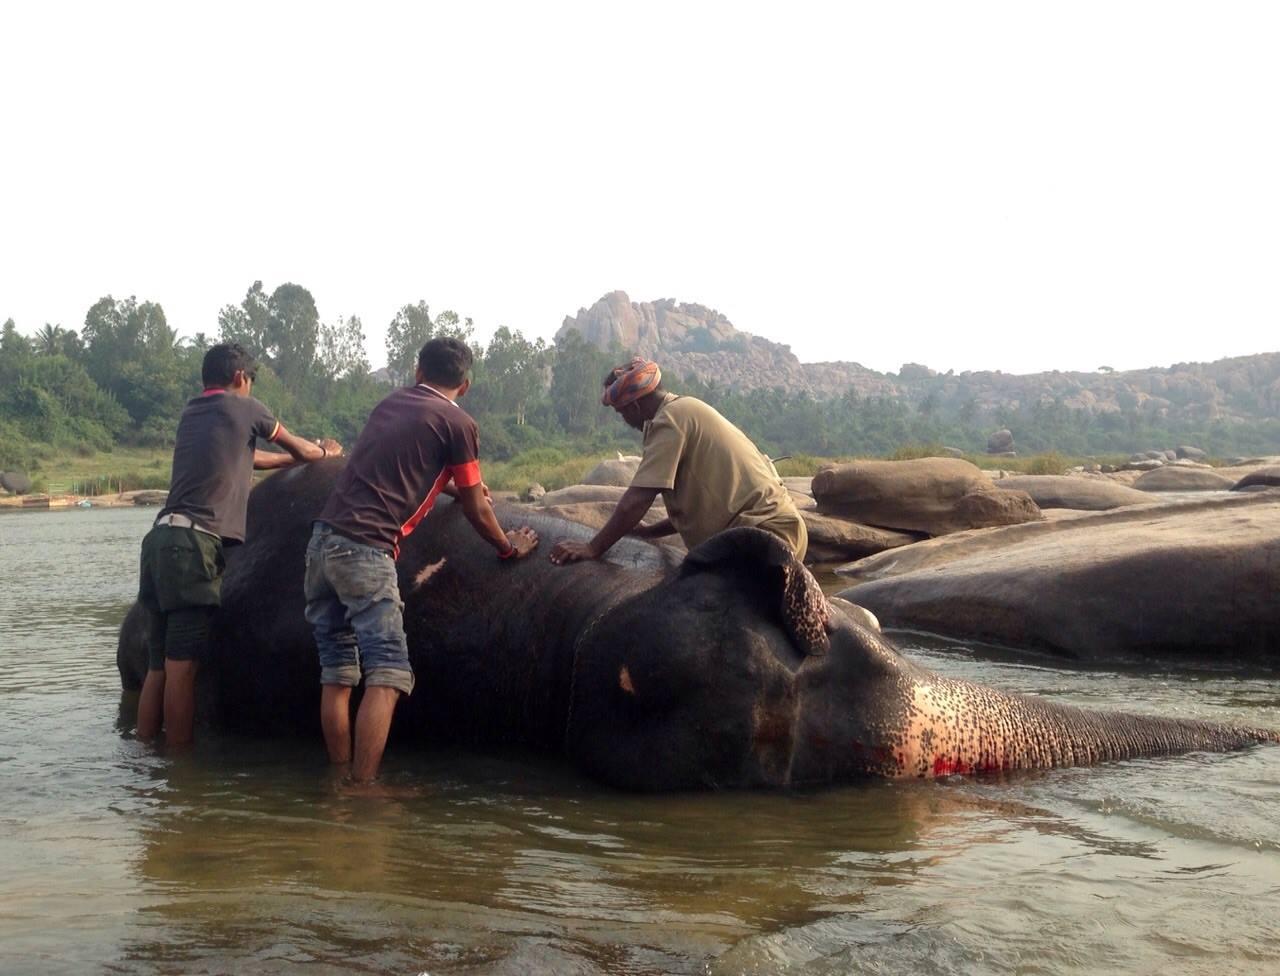 varios hombres limpian un elefante en Hampi, cosas de viajar de mochilero a India